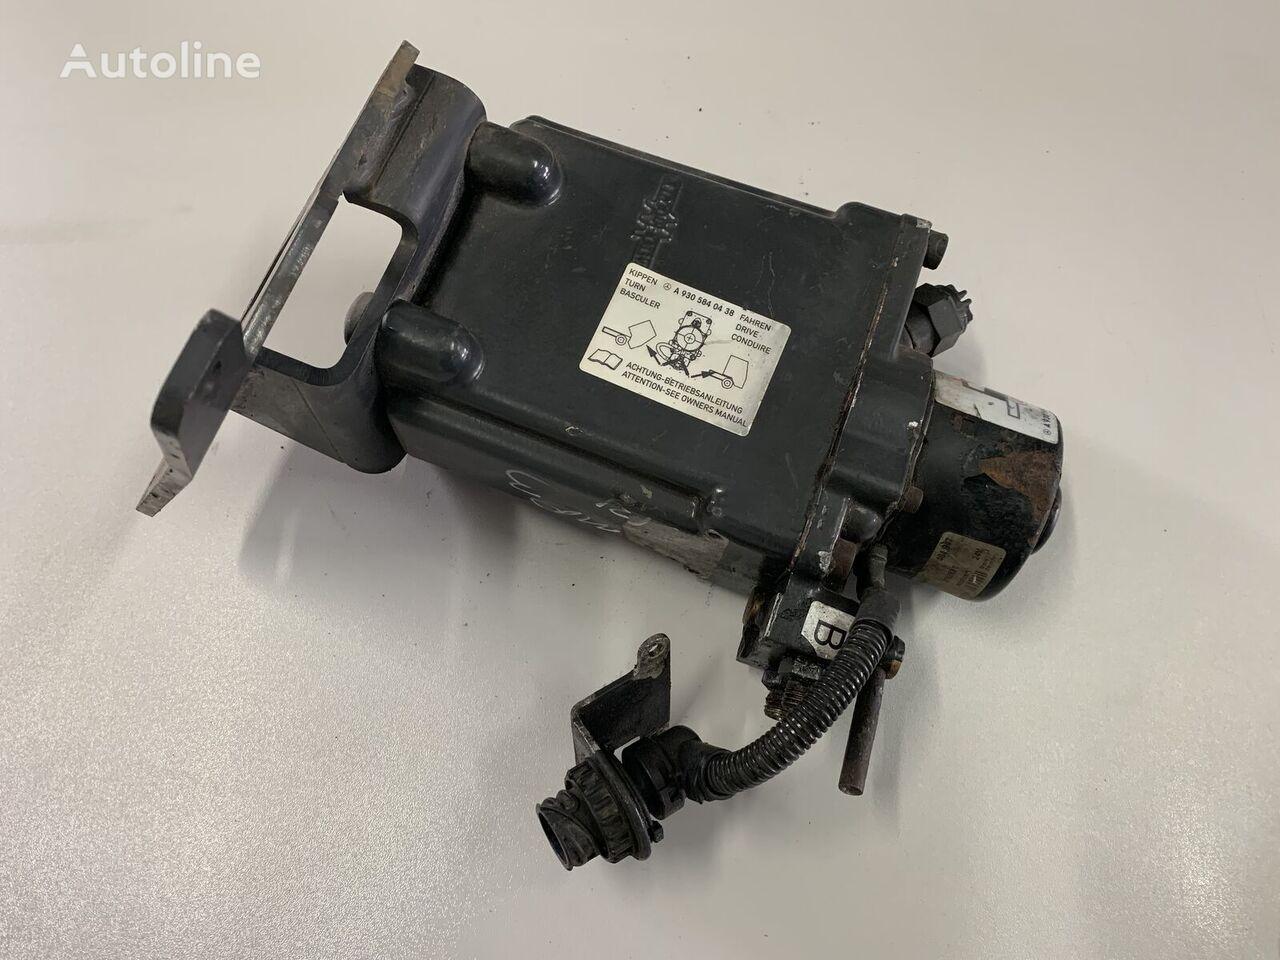 MERCEDES-BENZ ACTROS MP3 elekrtyczna pompka pumpe til løft af førerhus til MERCEDES-BENZ Actros MP3 trækker